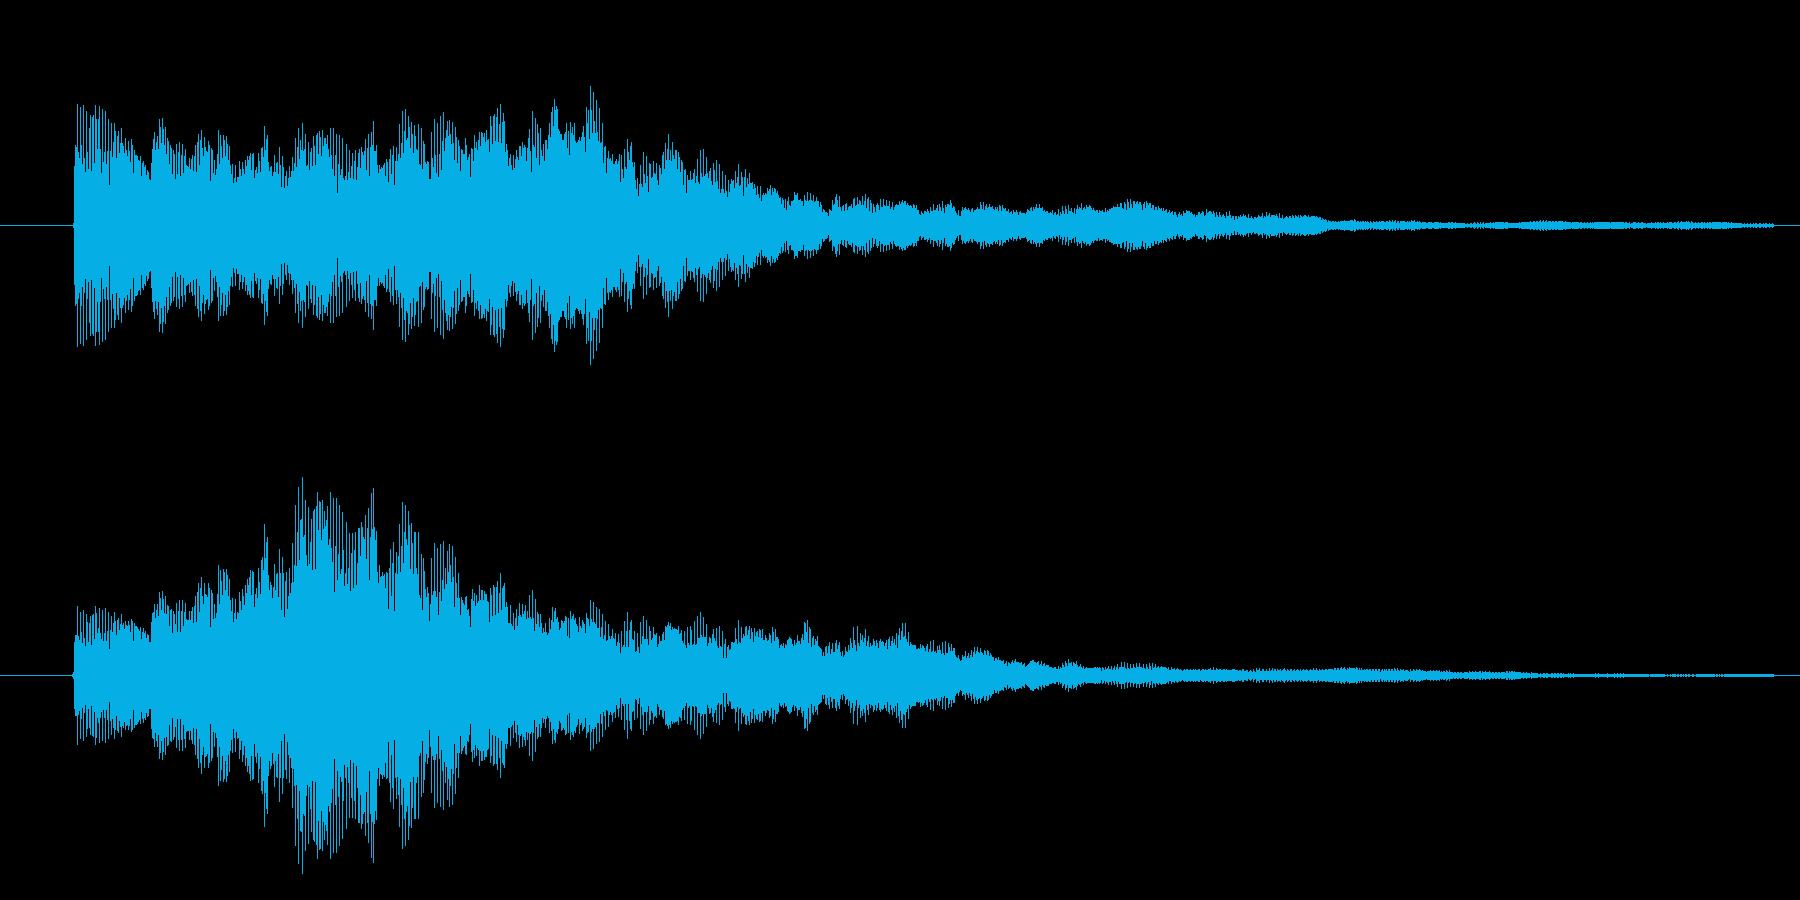 アイテムを手に入れた時をイメージしましたの再生済みの波形